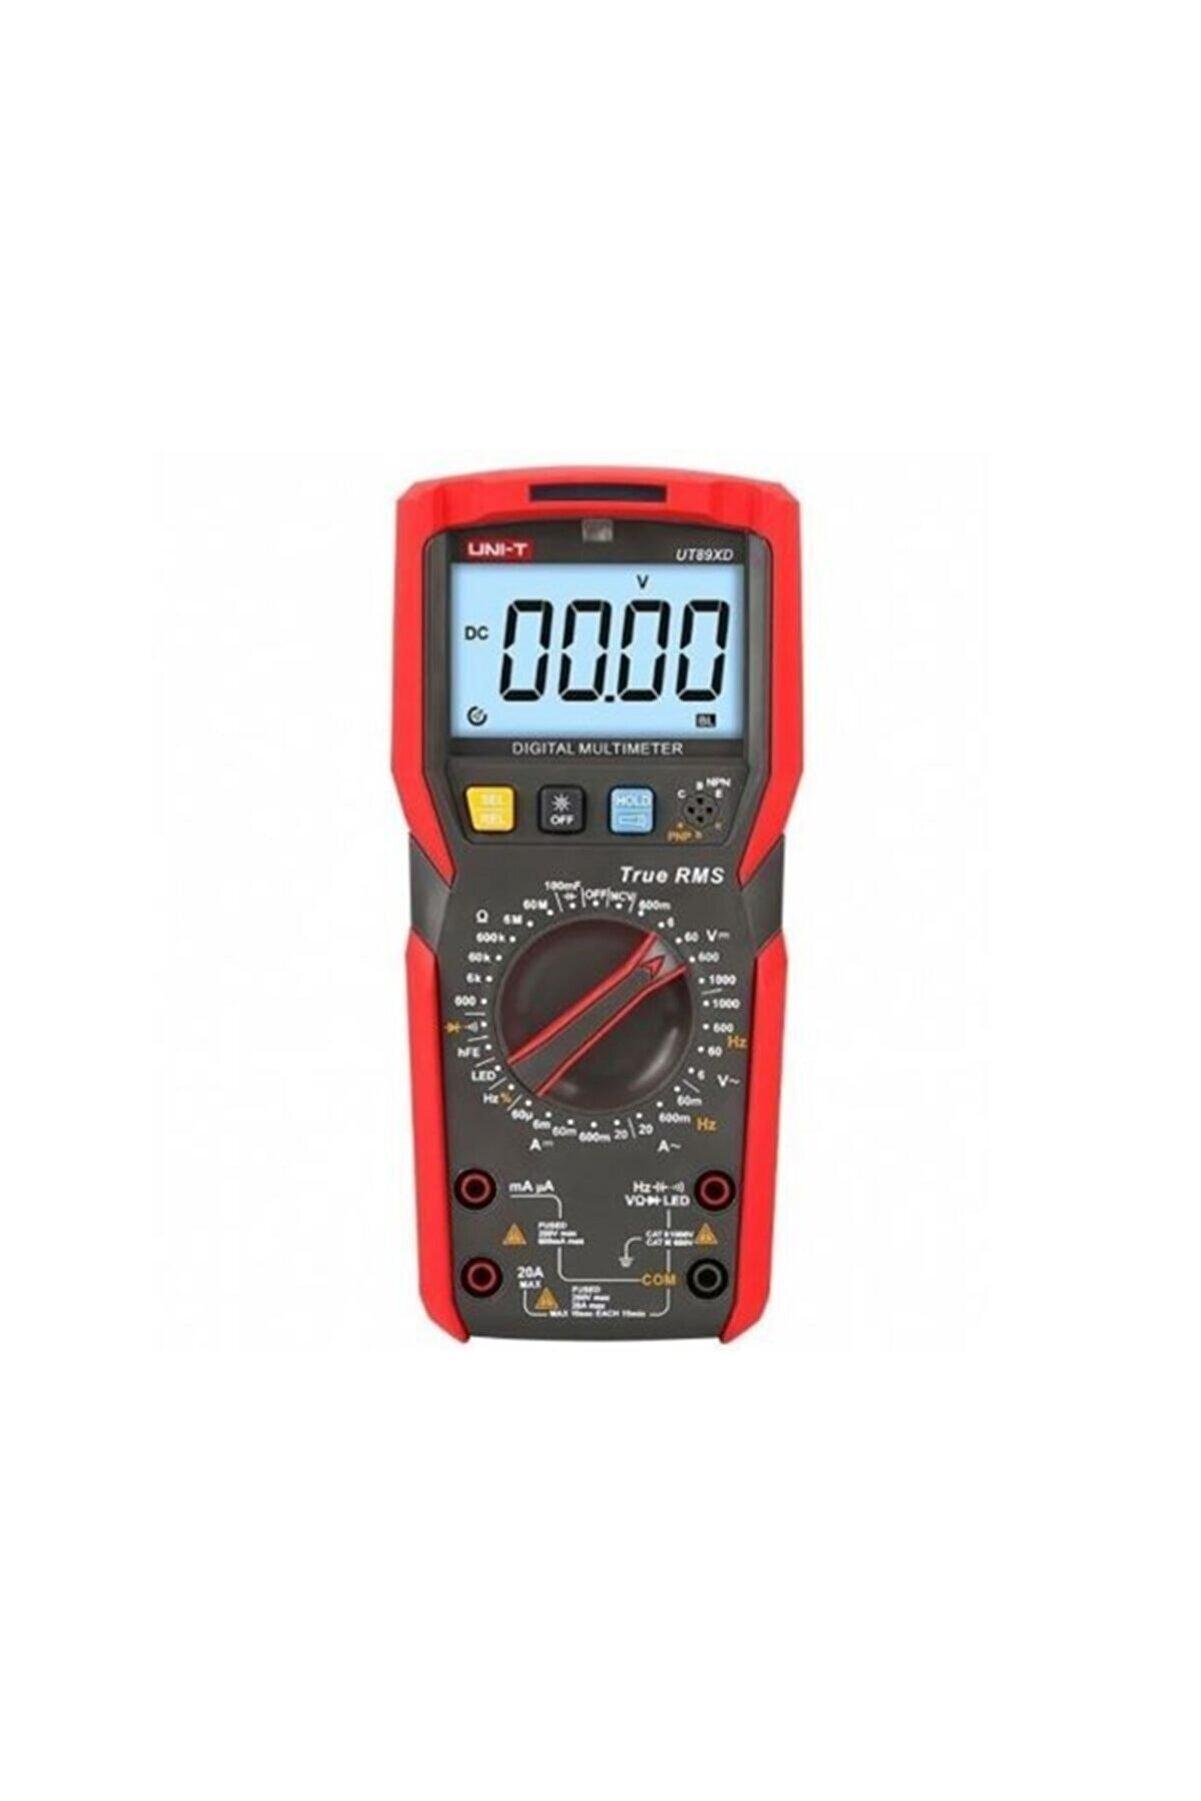 Unit Ut89xd Çok Fonksiyonlu Dijital Multimetre